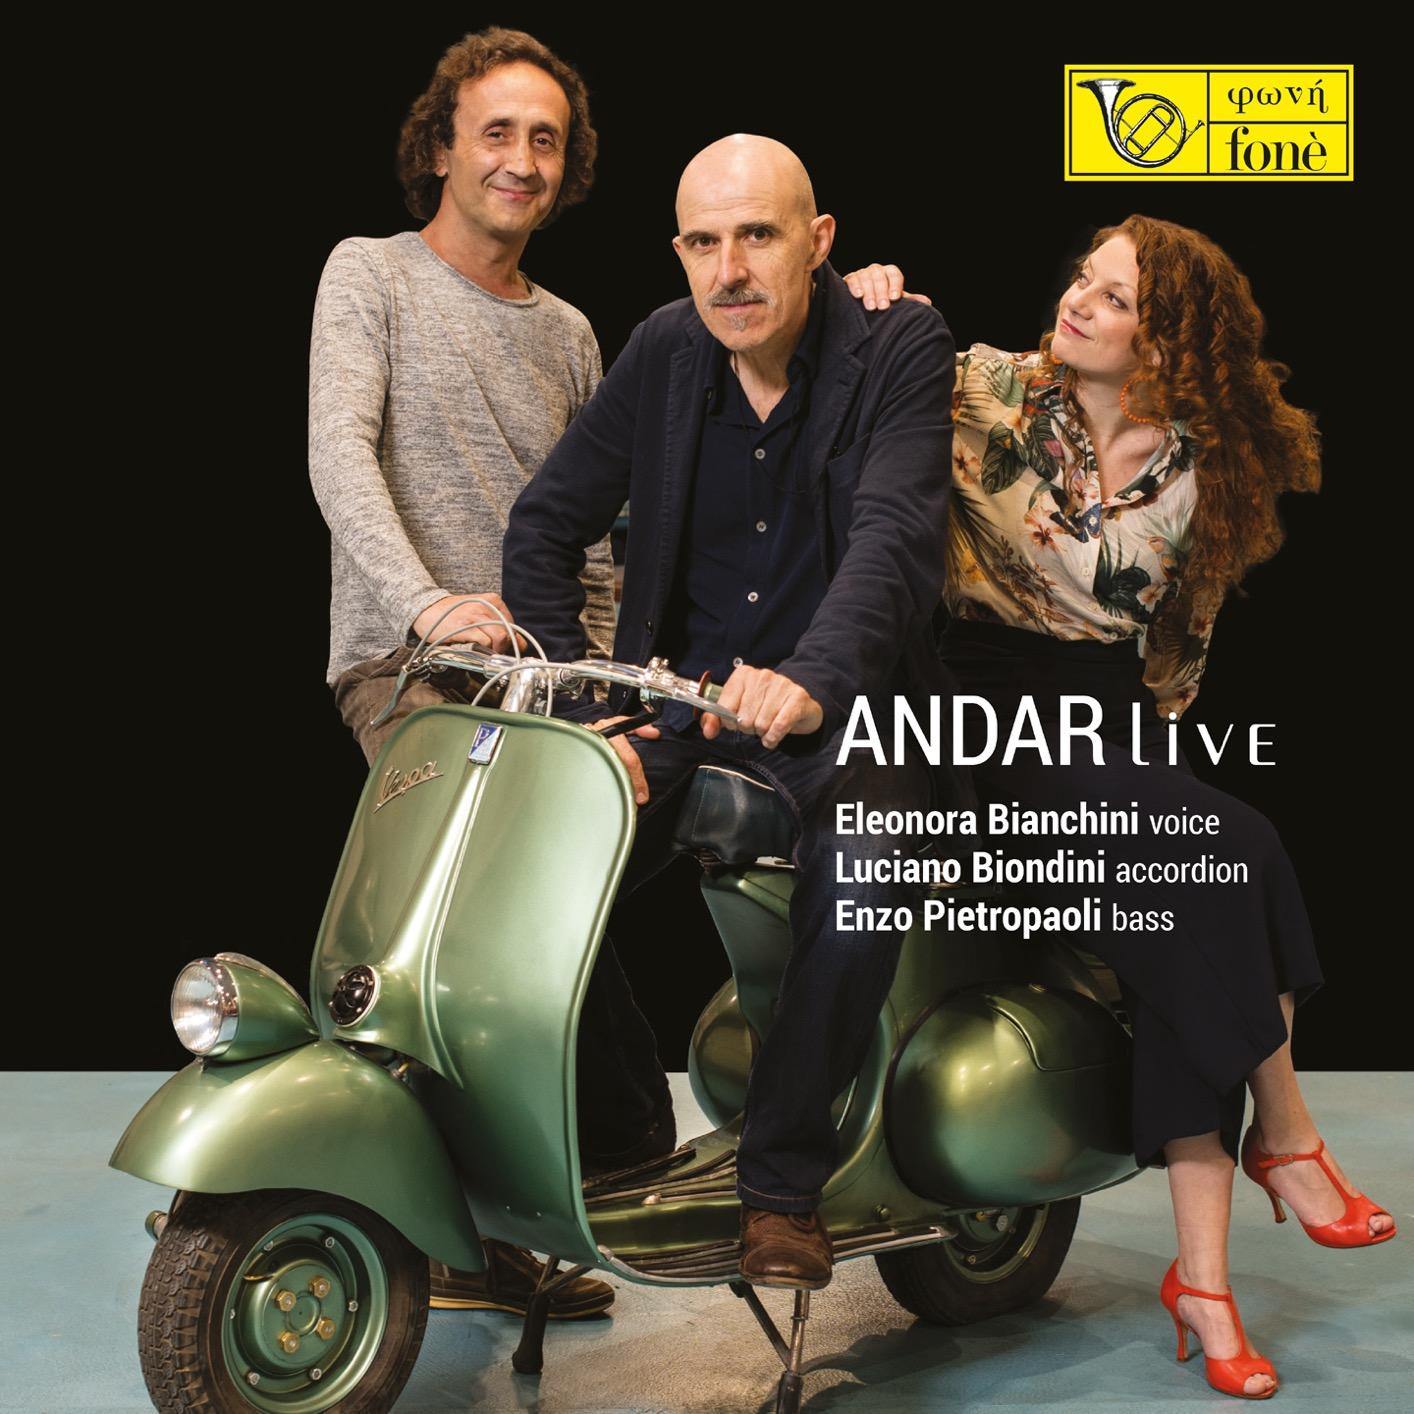 LUCIANO BIONDINI - Luciano Biondini, Enzo Pietropaoli, Eleonora Bianchini : Andar live cover